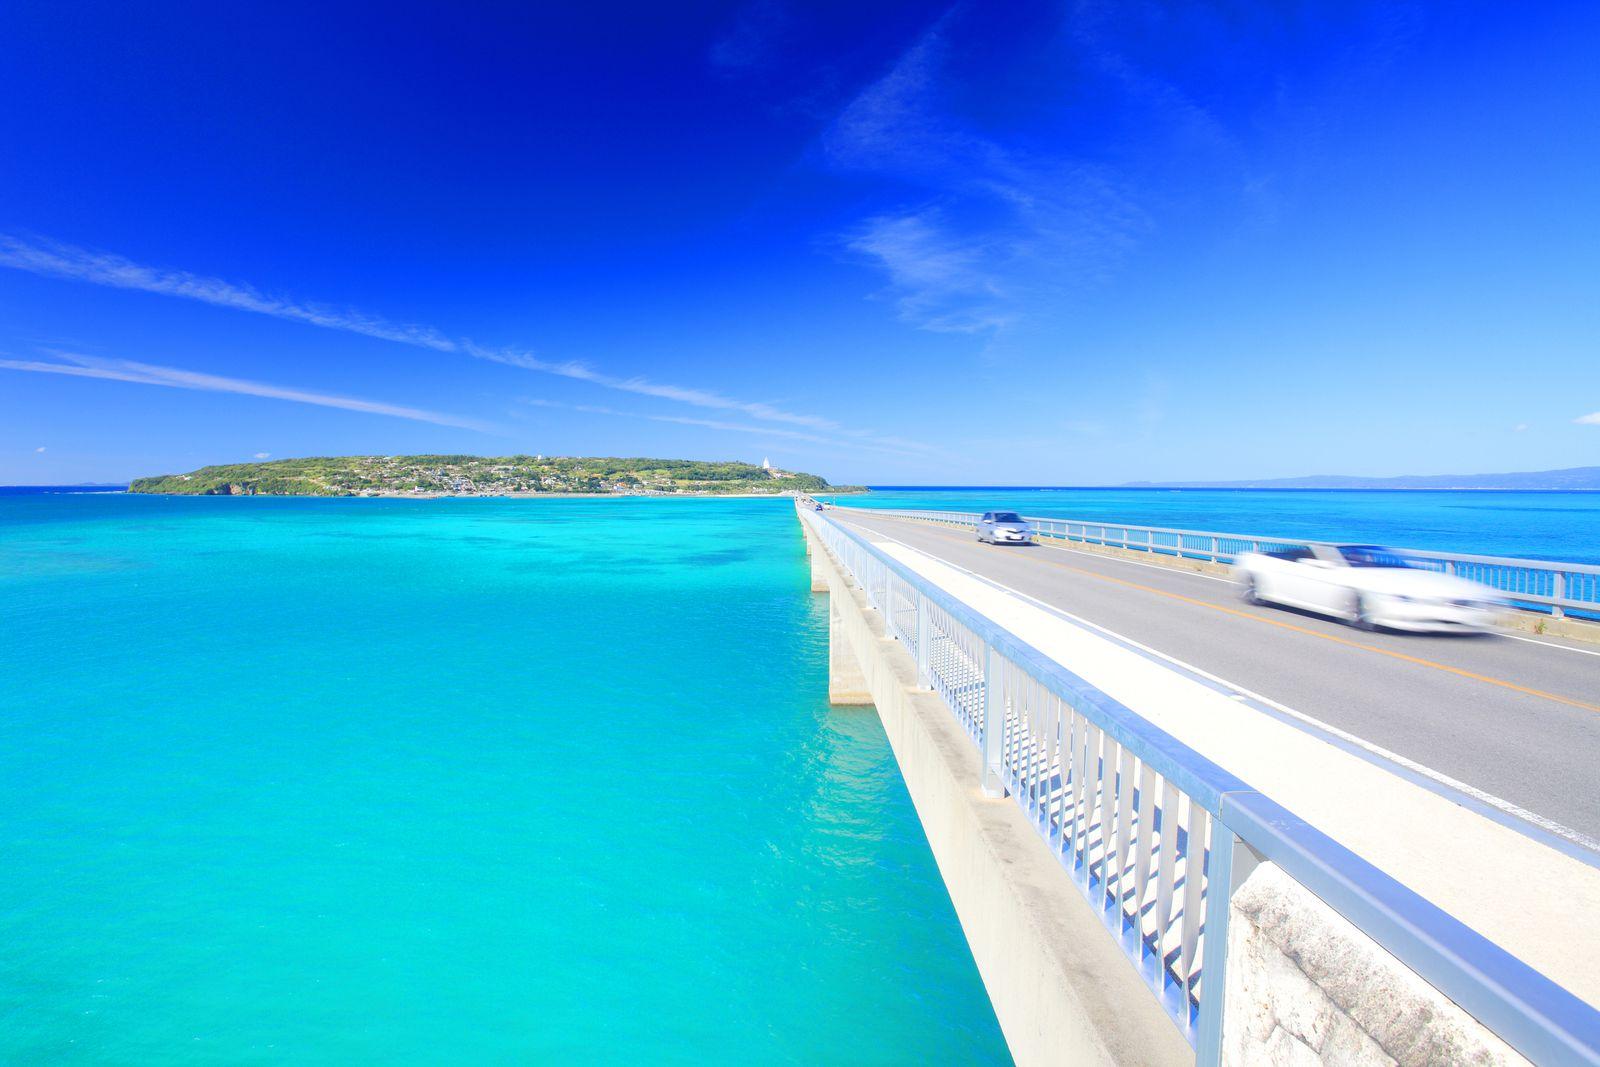 インスタ映え確実な女子旅スポット!沖縄の「MAGENTA n blue」とは                このまとめ記事の目次